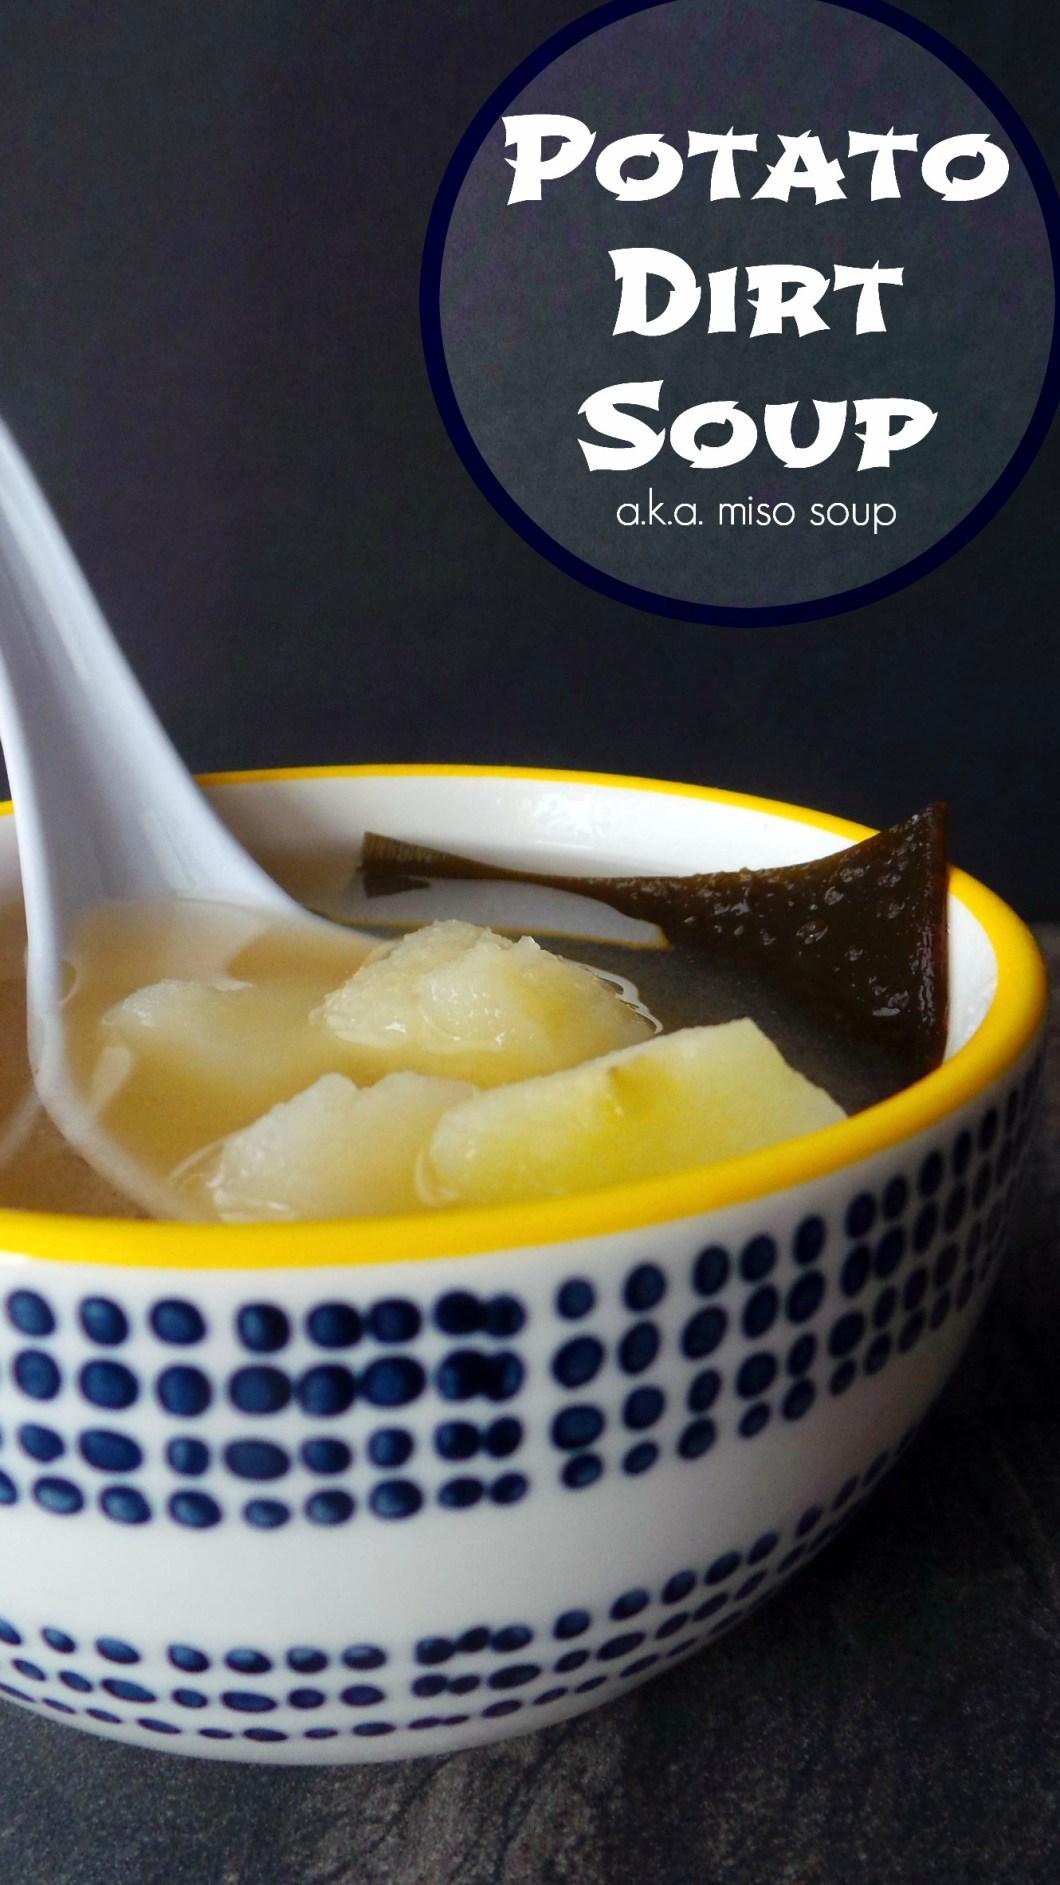 Potato Dirt Soup